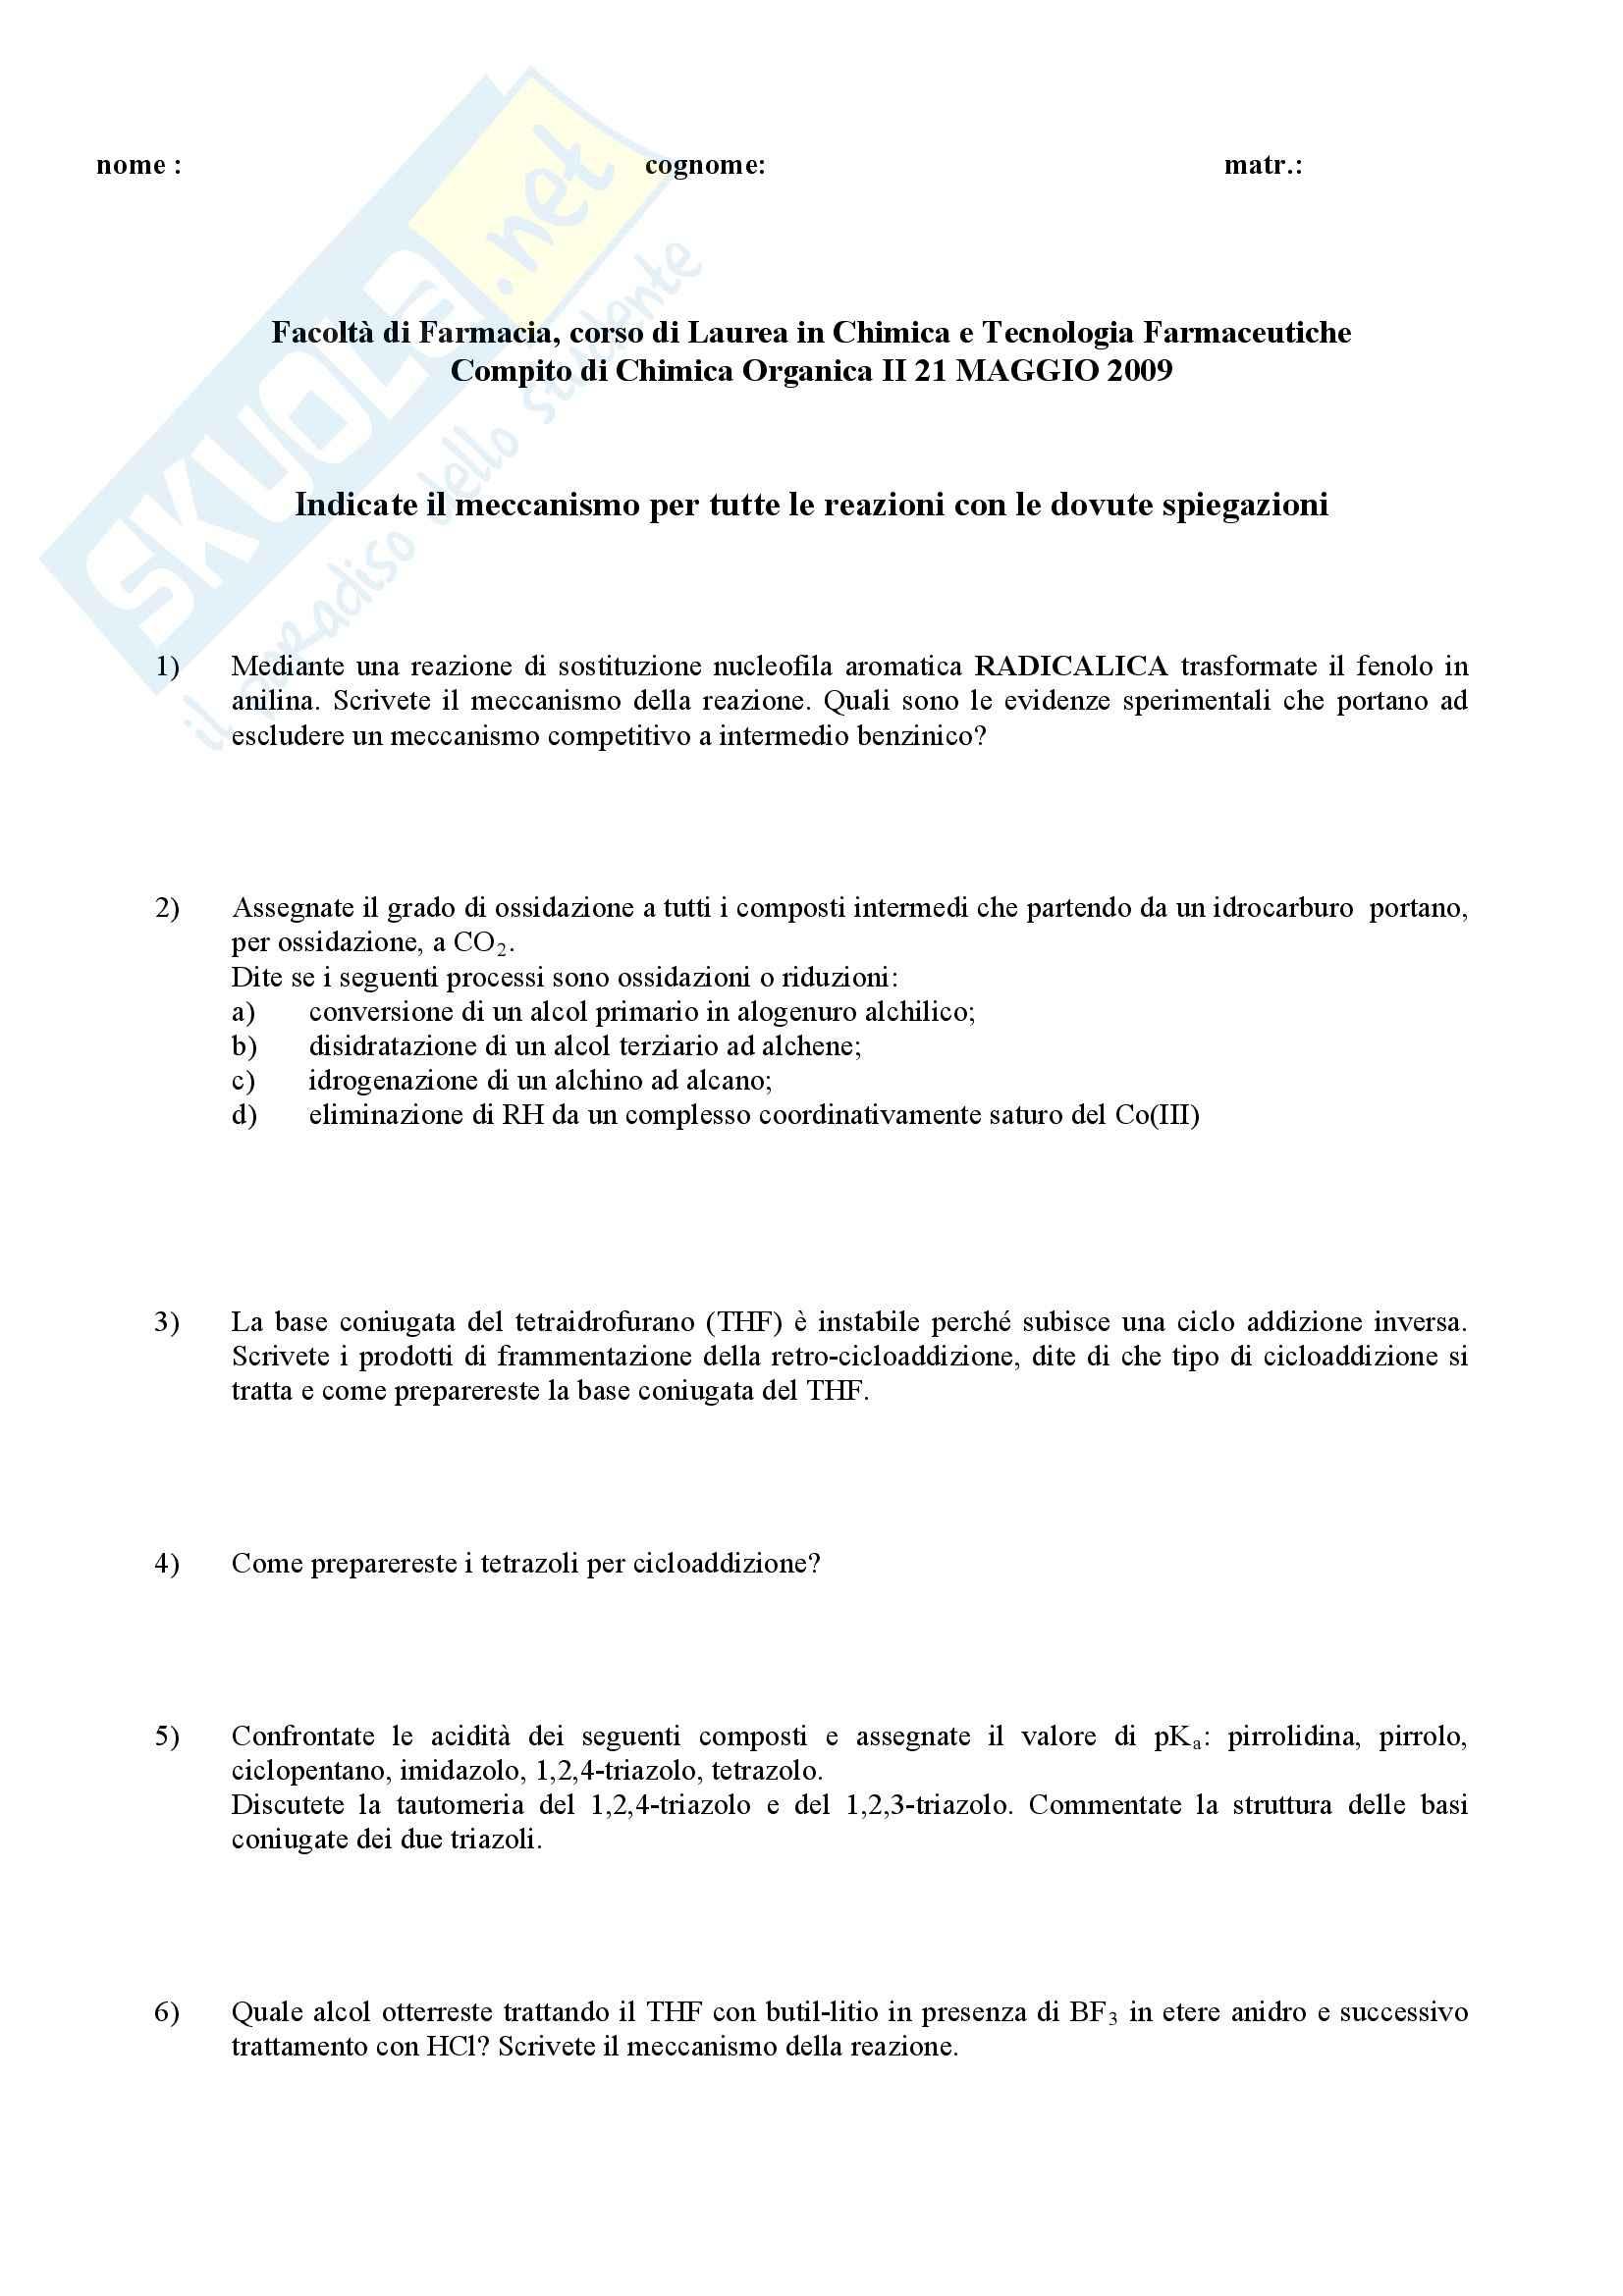 Chimica organica II - Esercizi Pag. 31